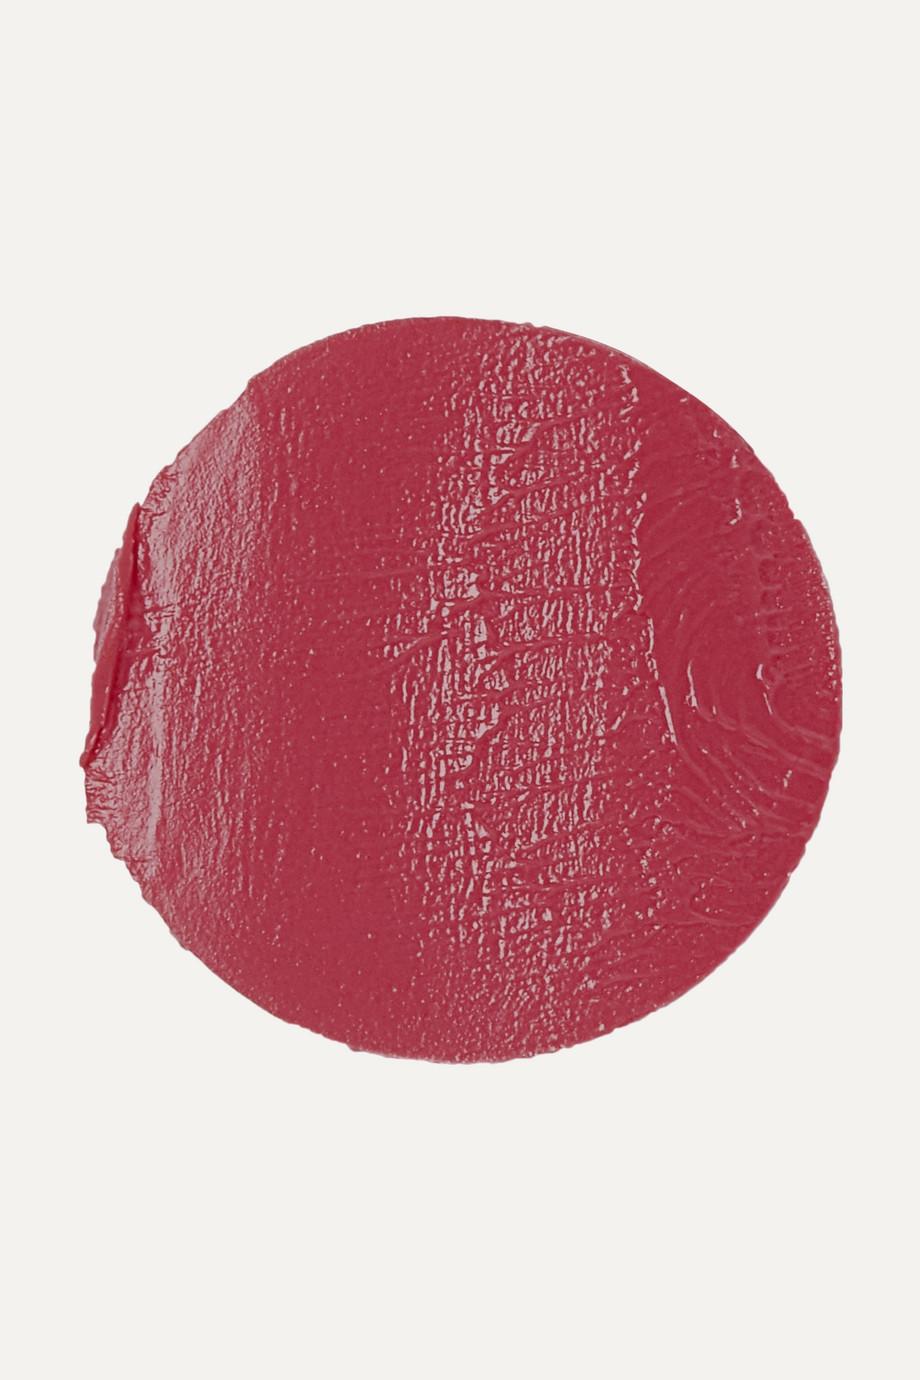 Gucci Beauty Baume à Lèvres - Penelope Plum 4